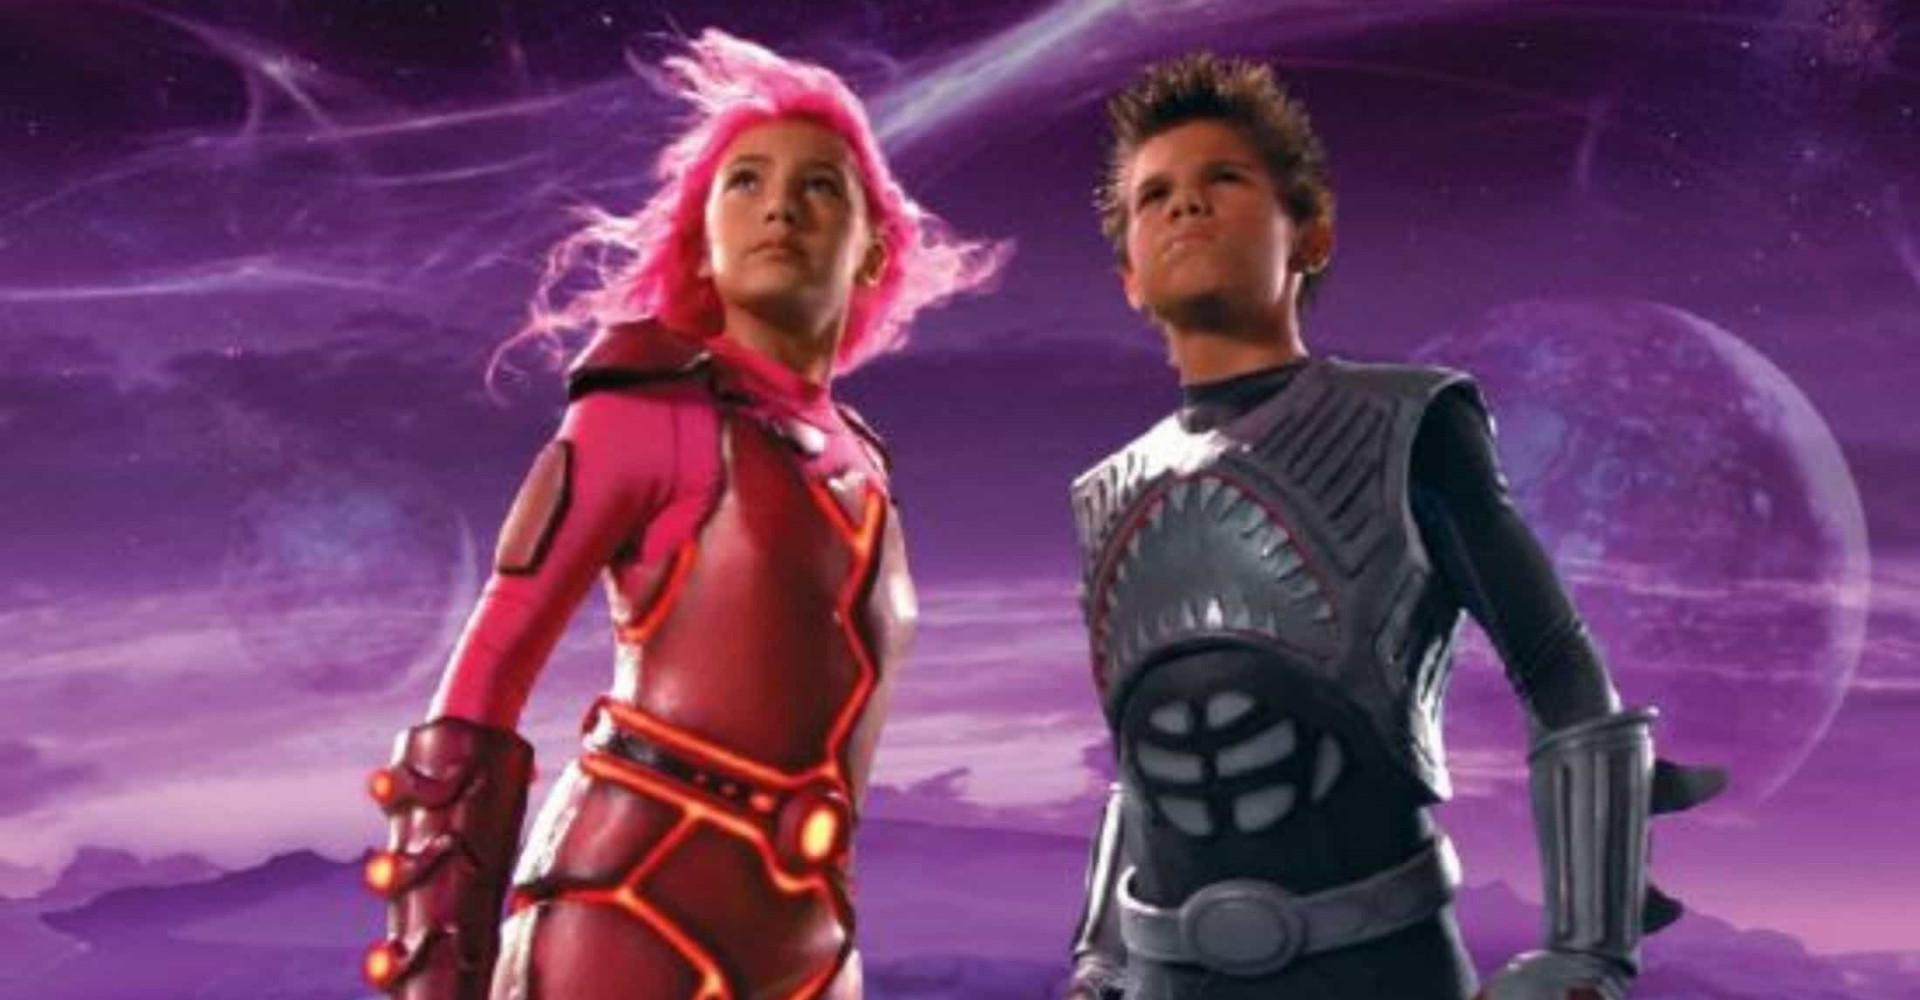 Film sui supereroi che nessuno più ricorda